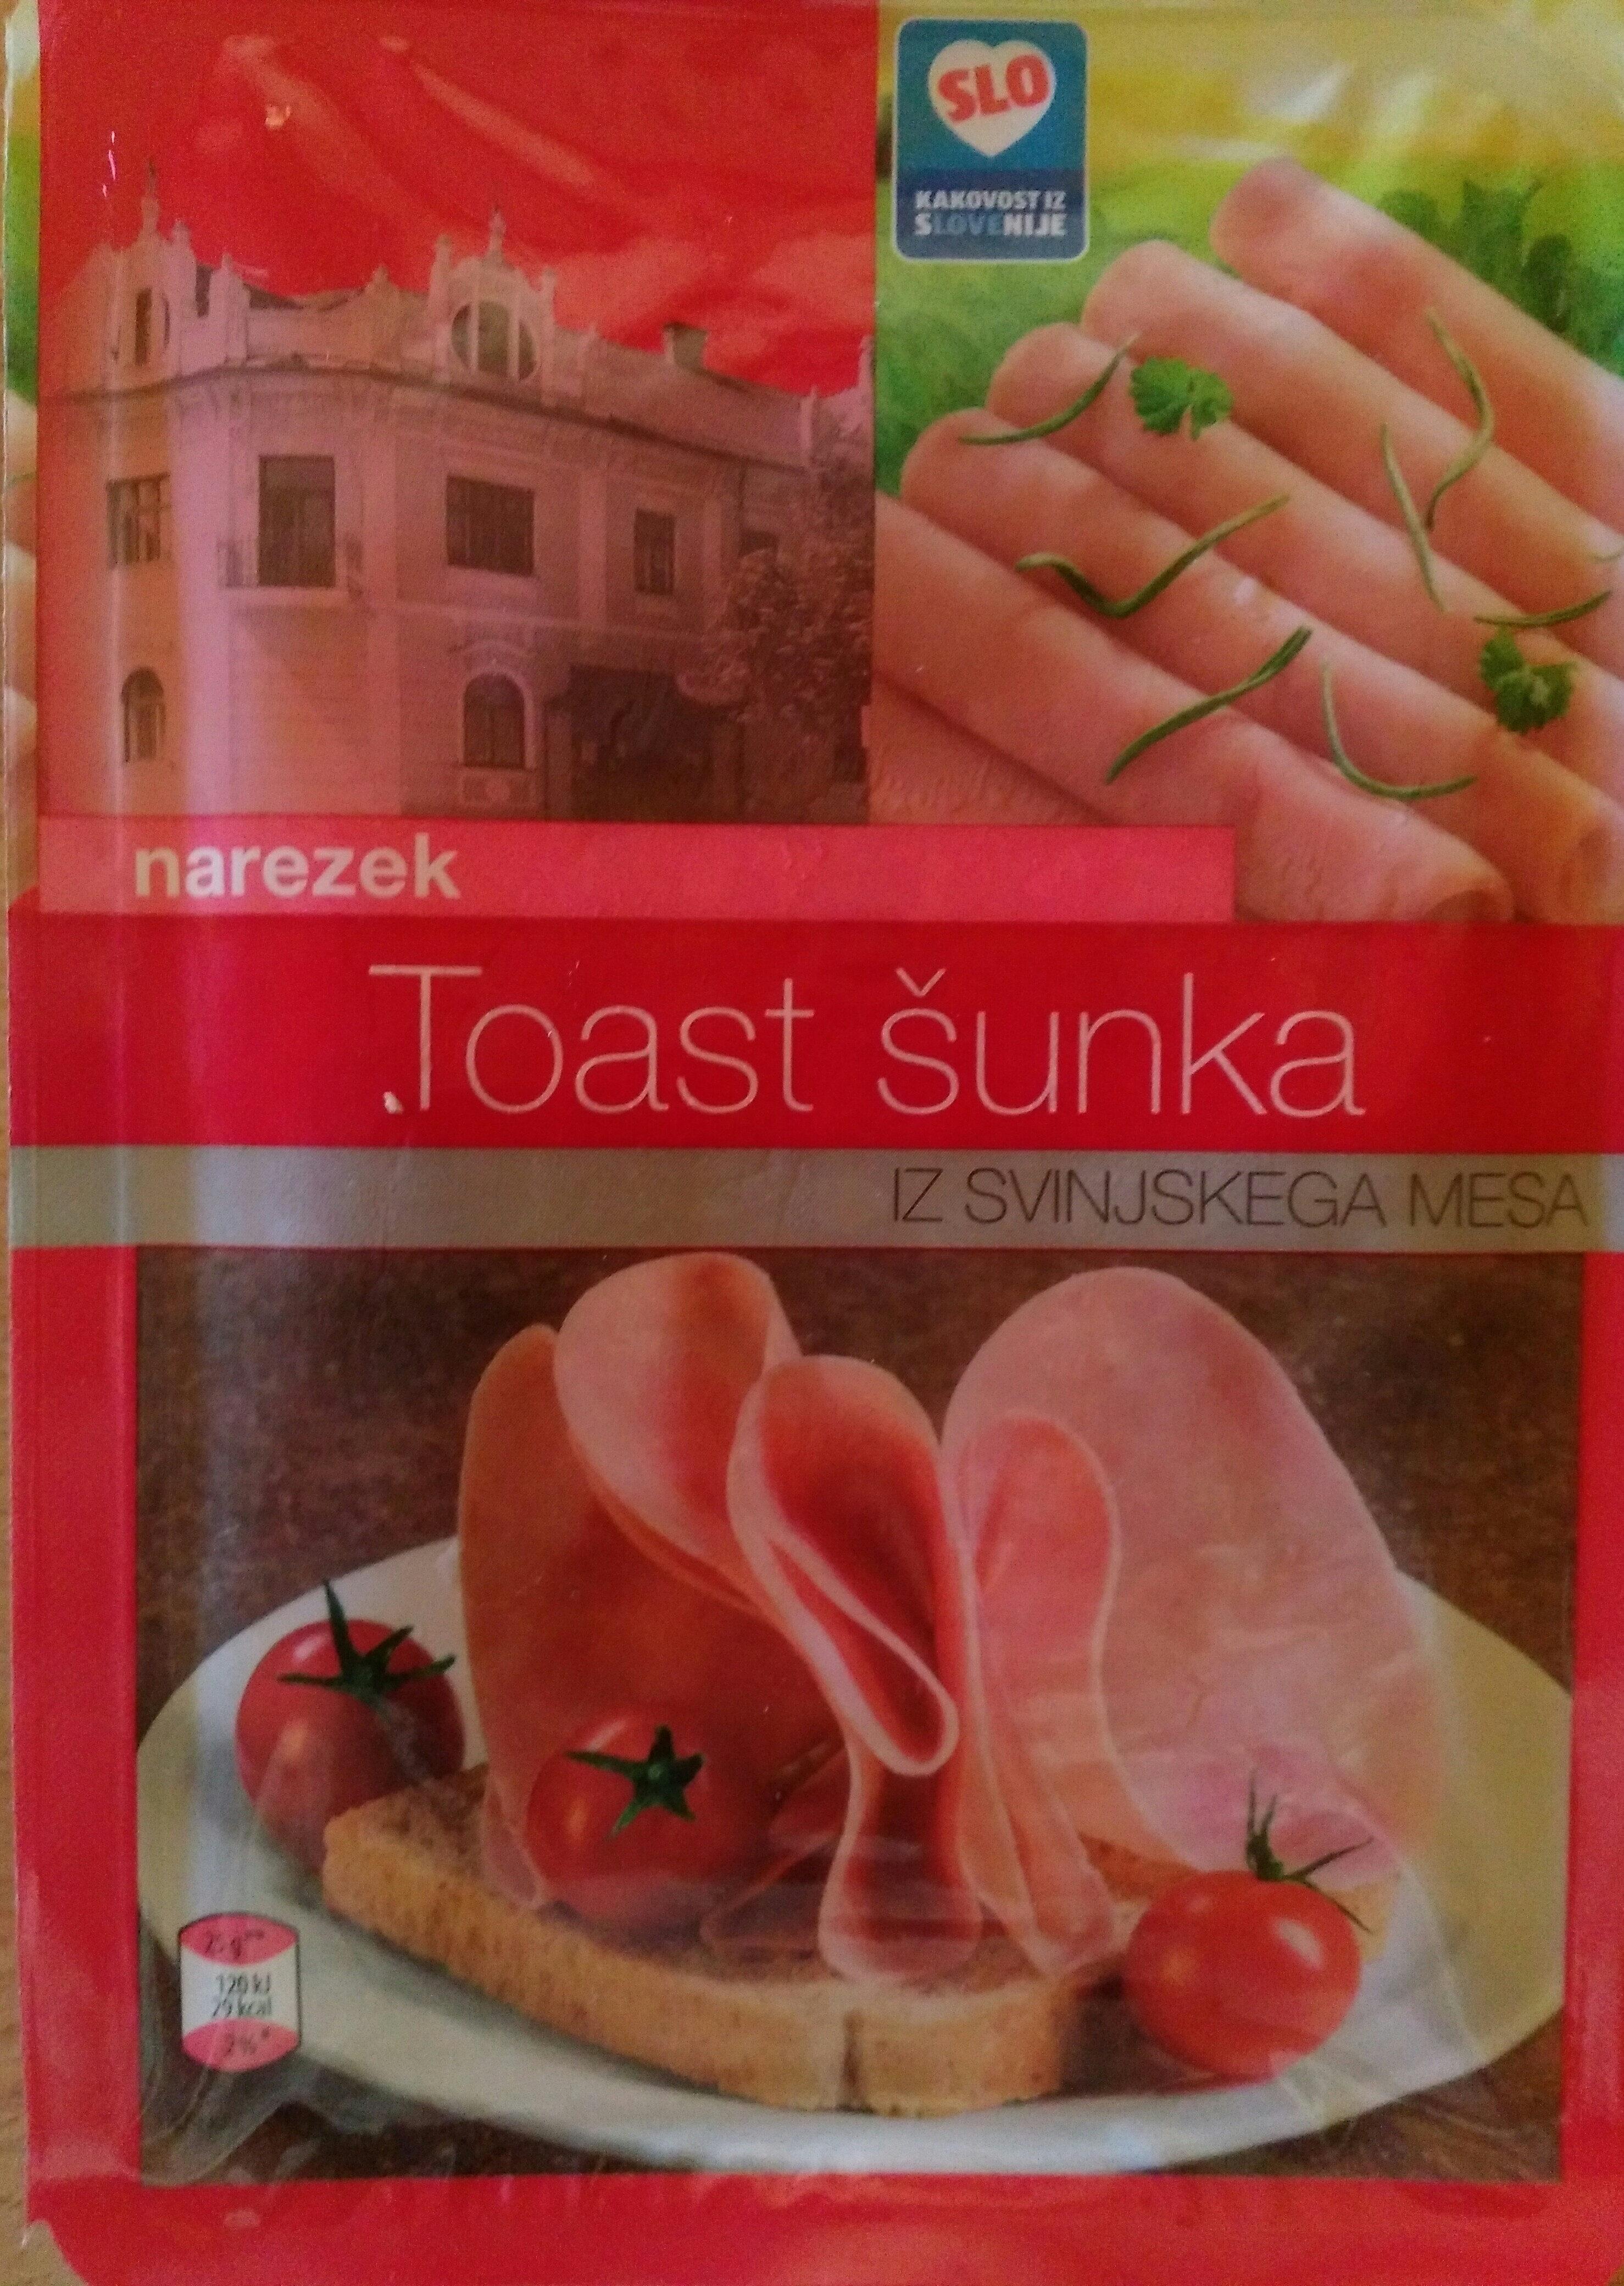 Toast šunka narezek - Producte